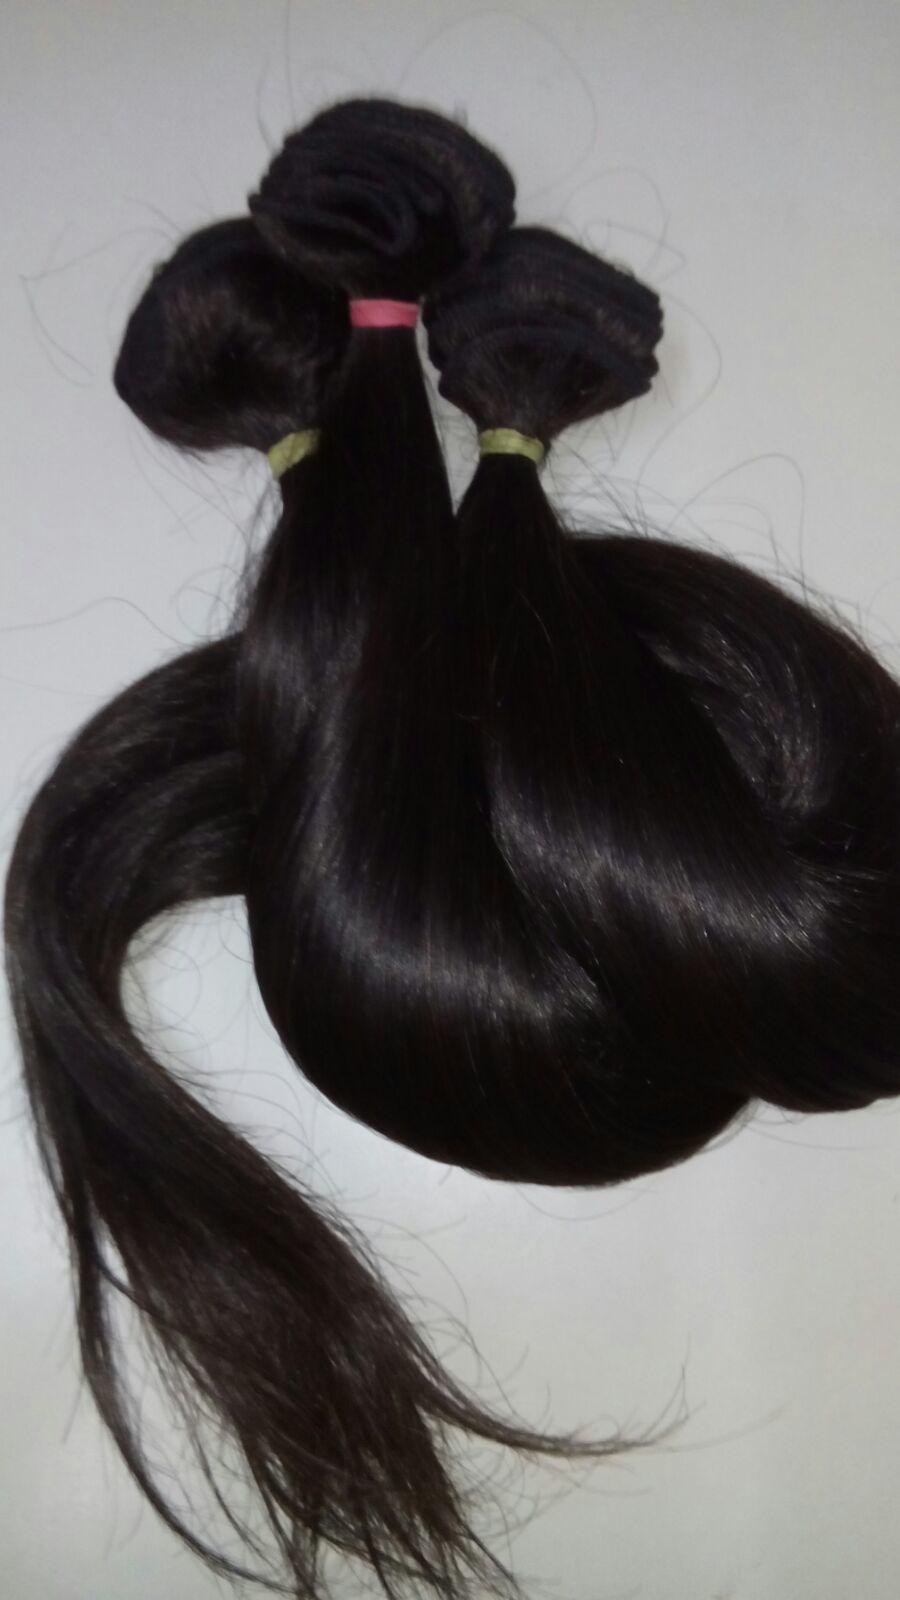 NATURAL WAVY HAIR EXTENSIONS